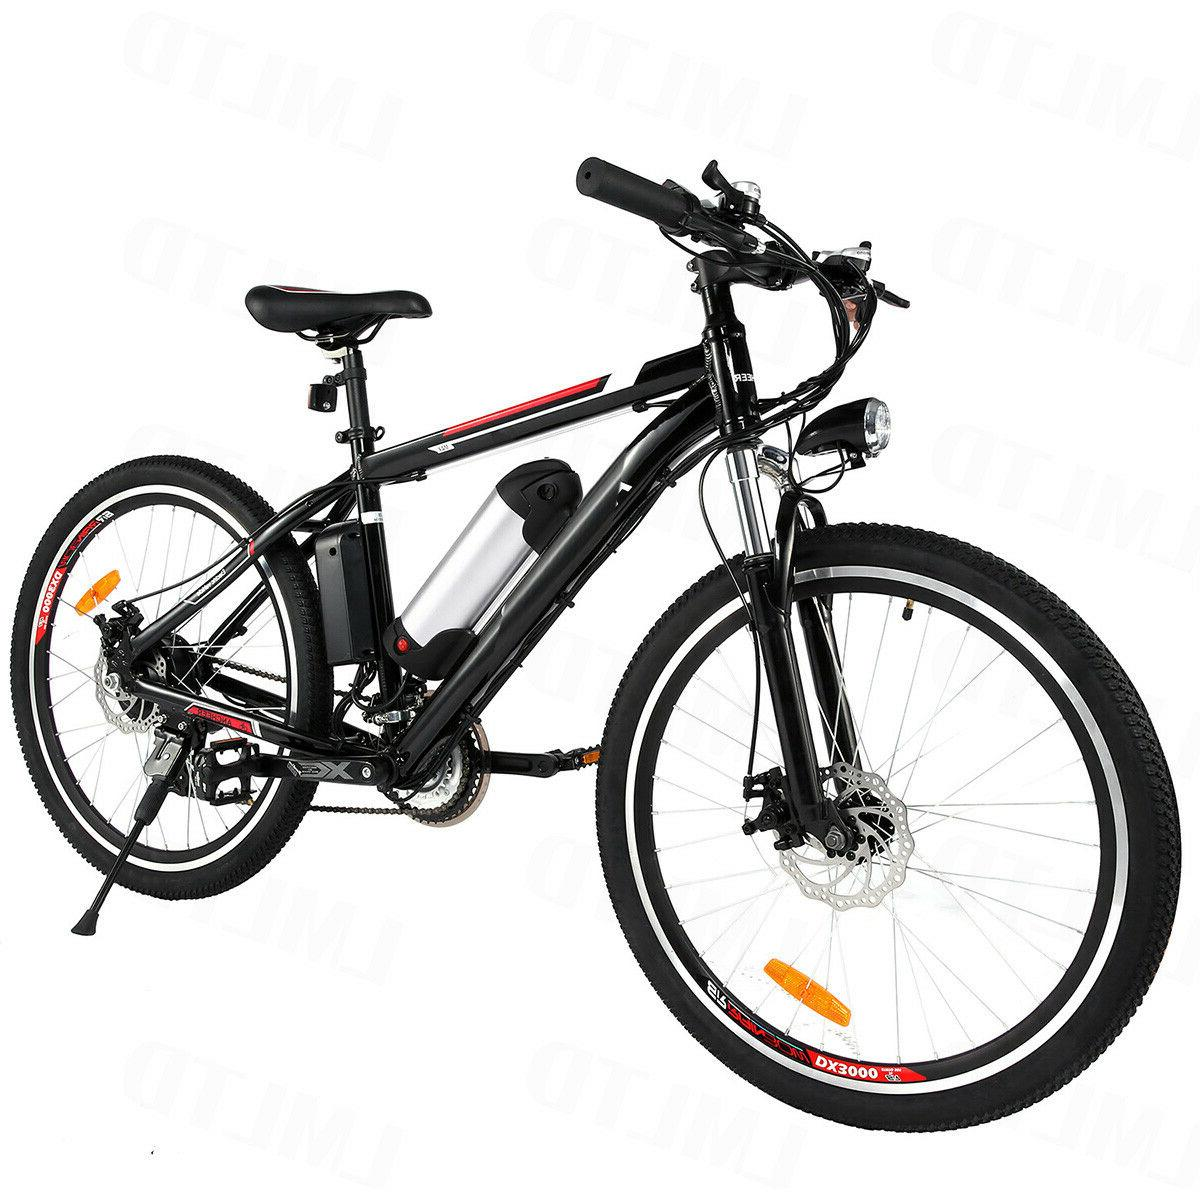 26inch electric bike mountain bicycle ebike shimano